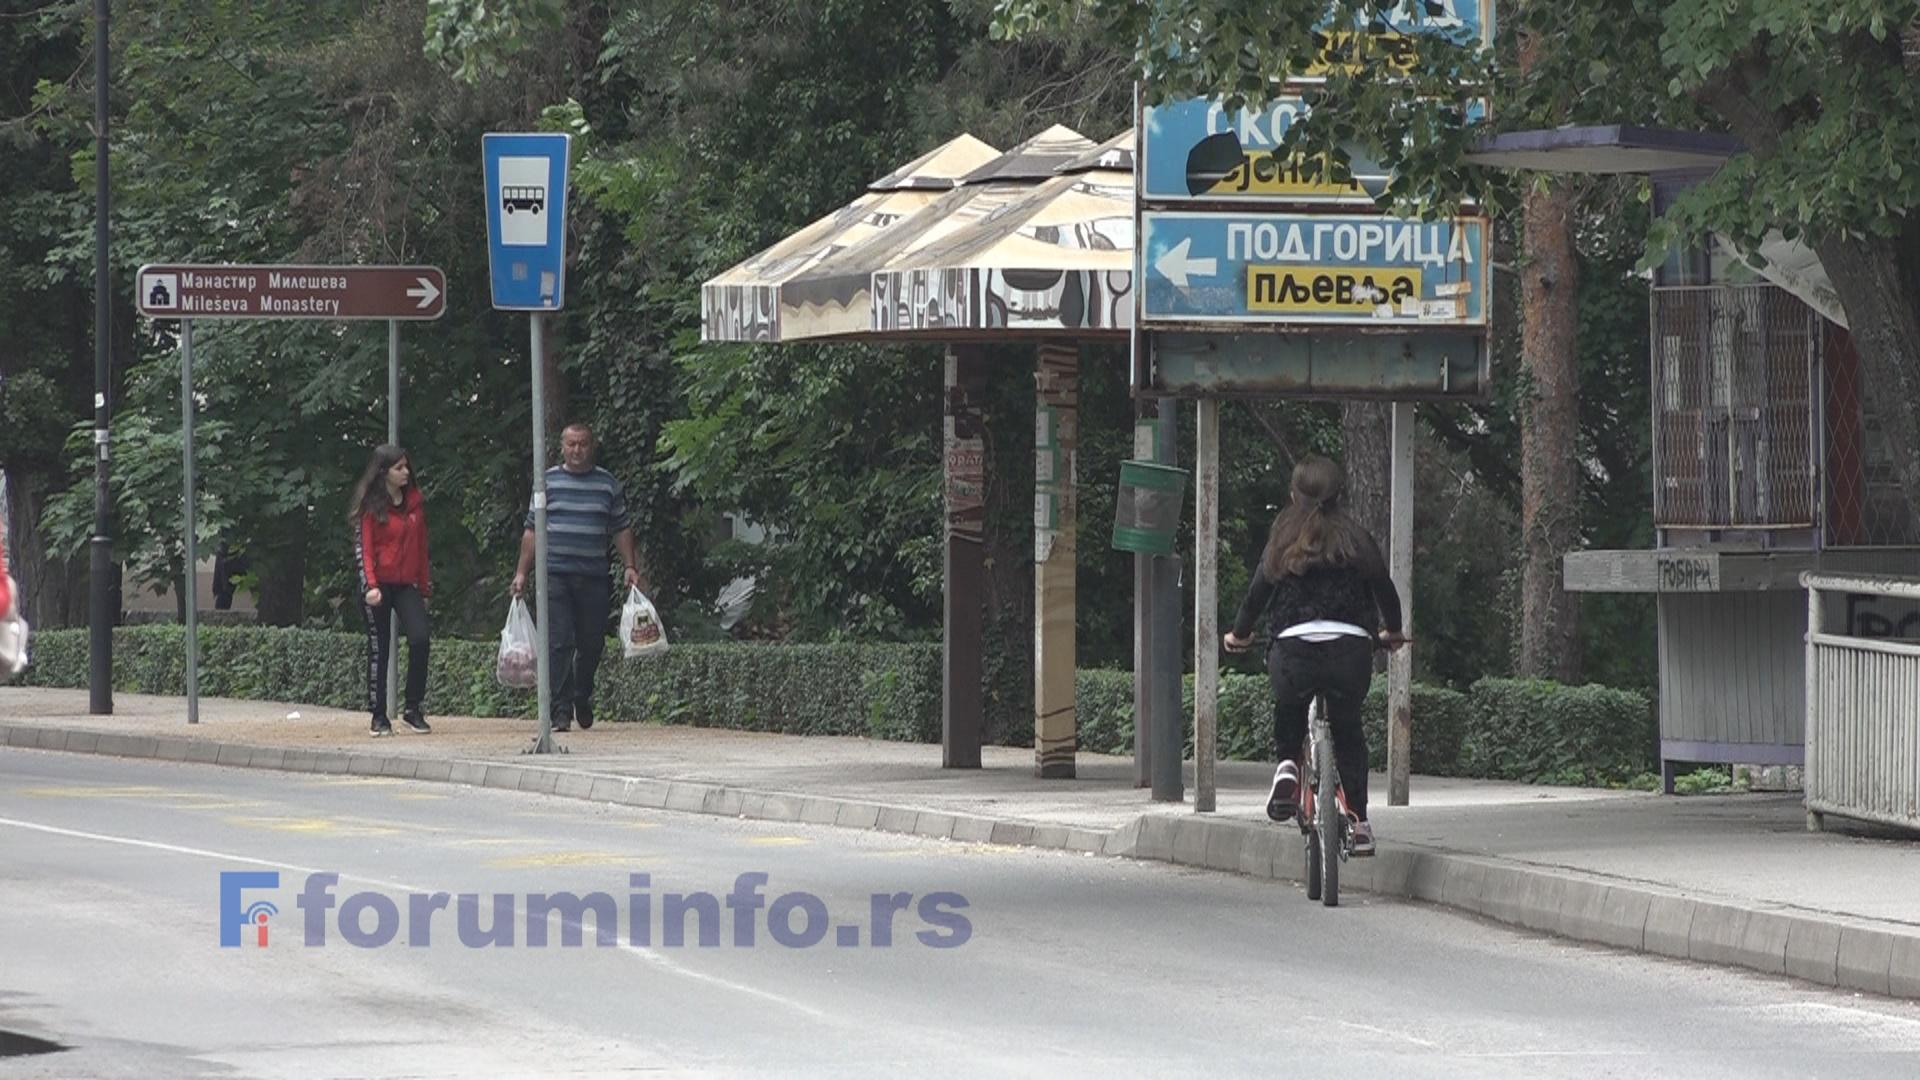 У Пријепољу аутобуска стајалишта и даље празна